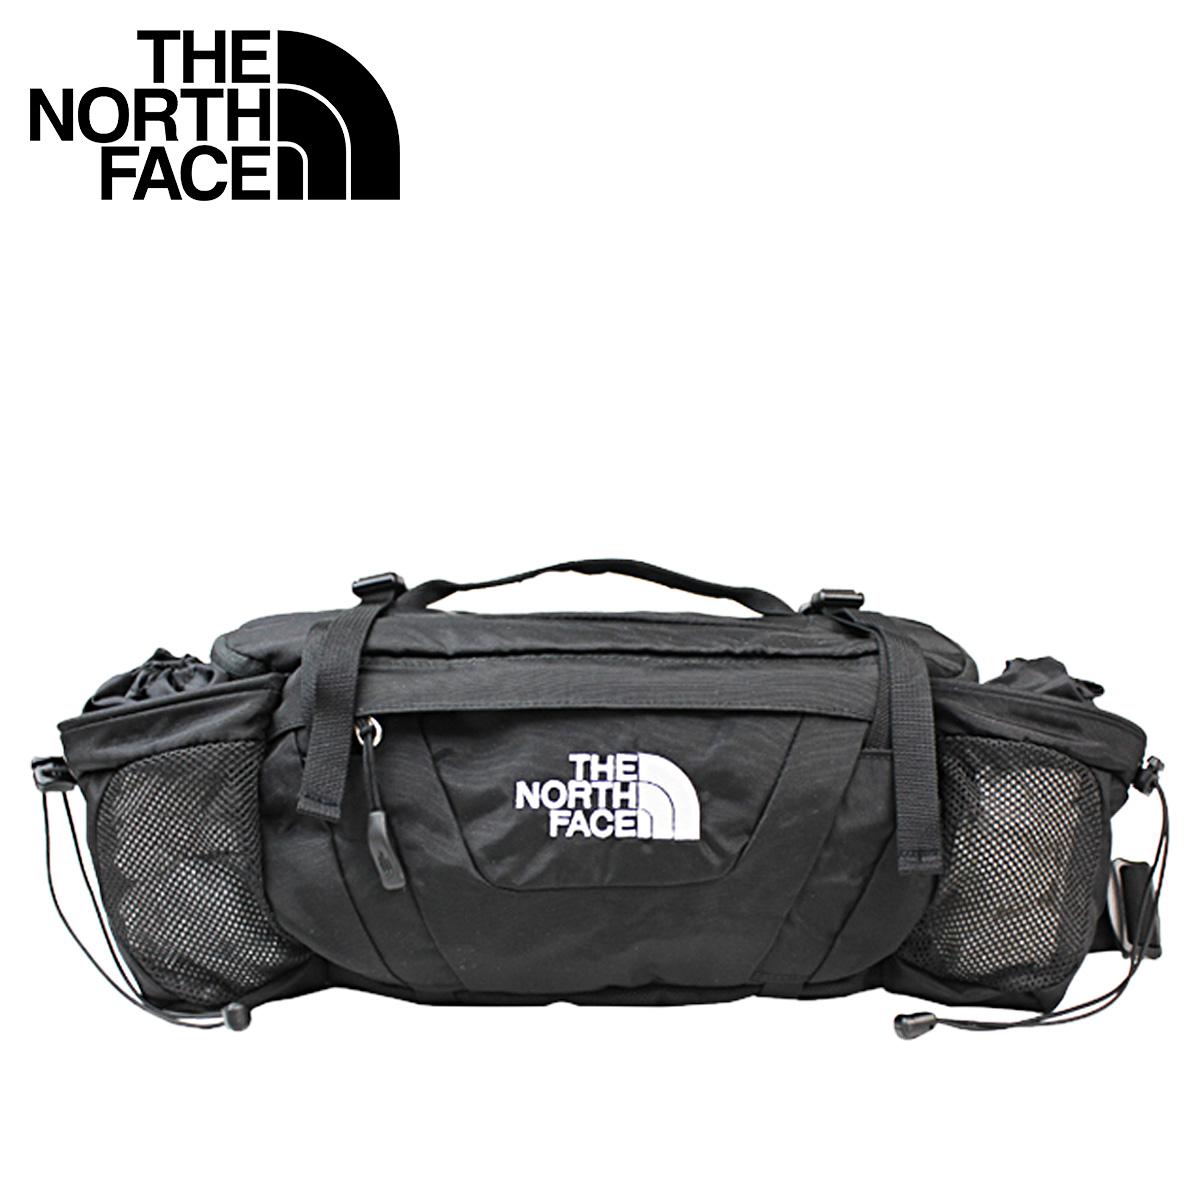 25238f300 North Face THE NORTH FACE bag bum-bag hips bag black black ASTS MOUNTAIN  LUMBAR men gap Dis